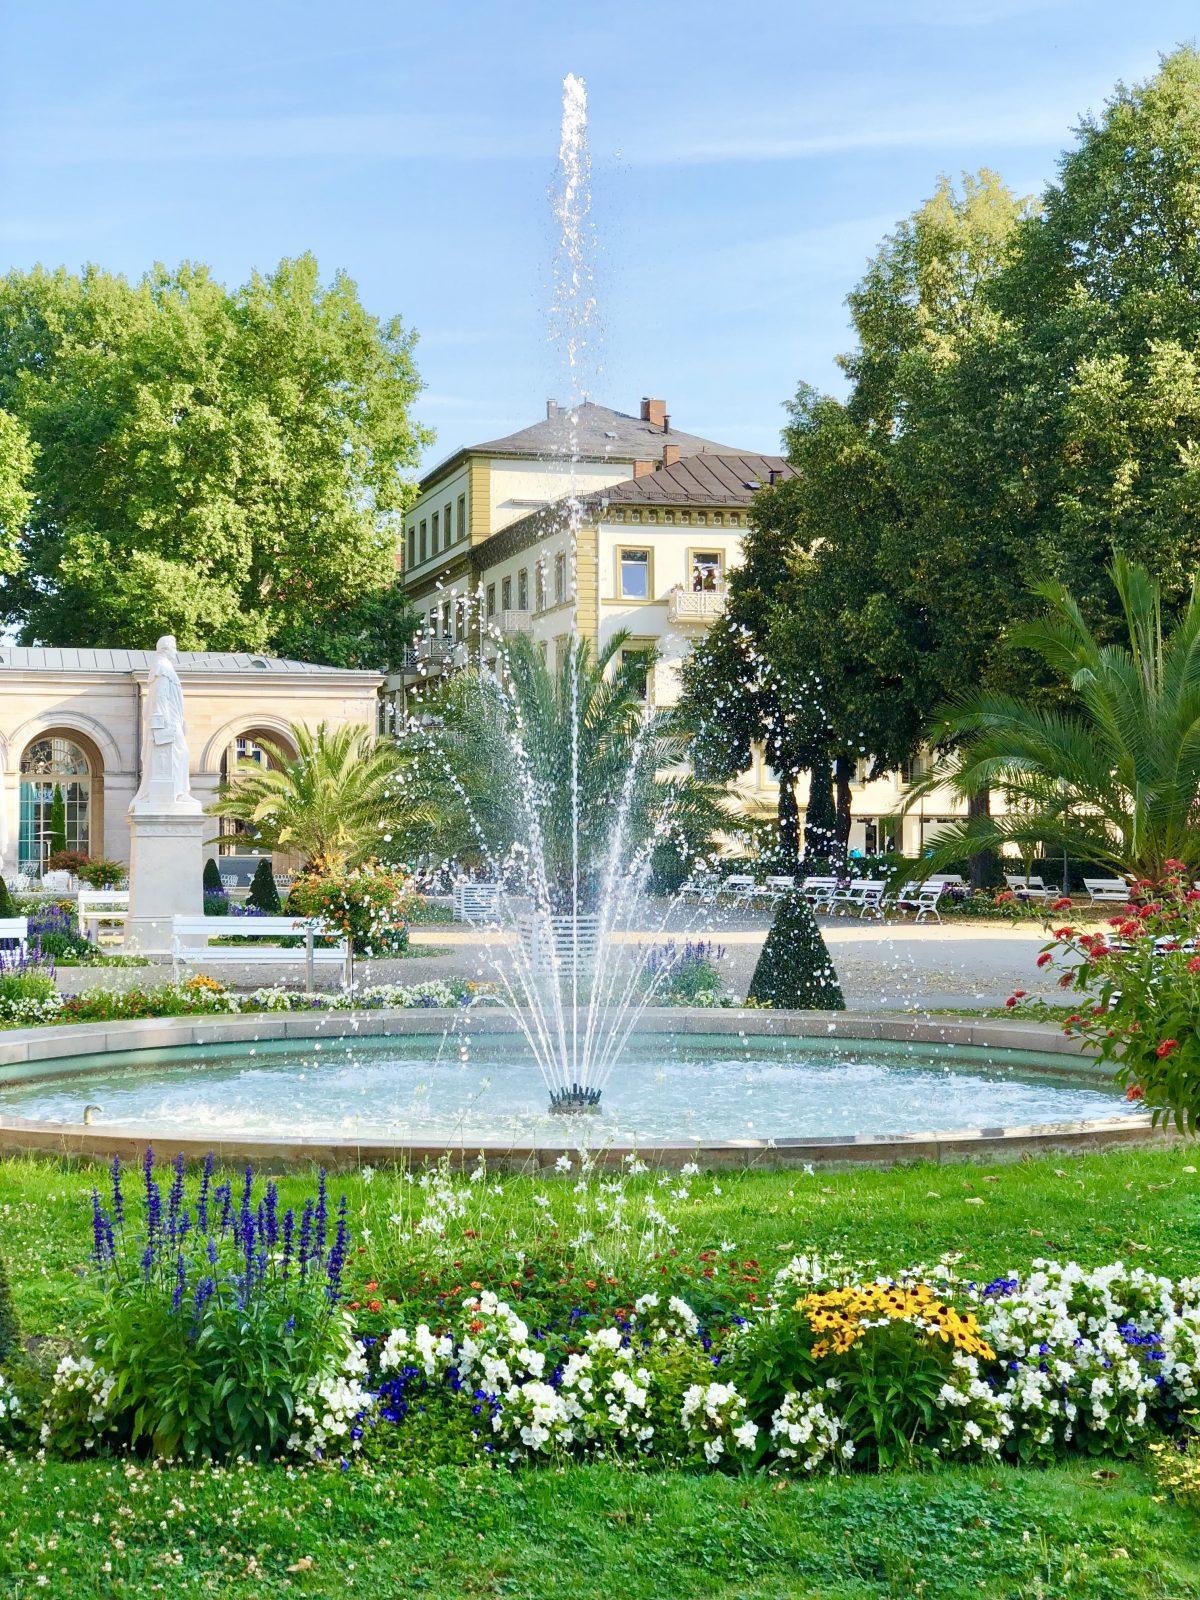 Der Kurgarten in Bad Kissingen - wunderschönes Ambiente